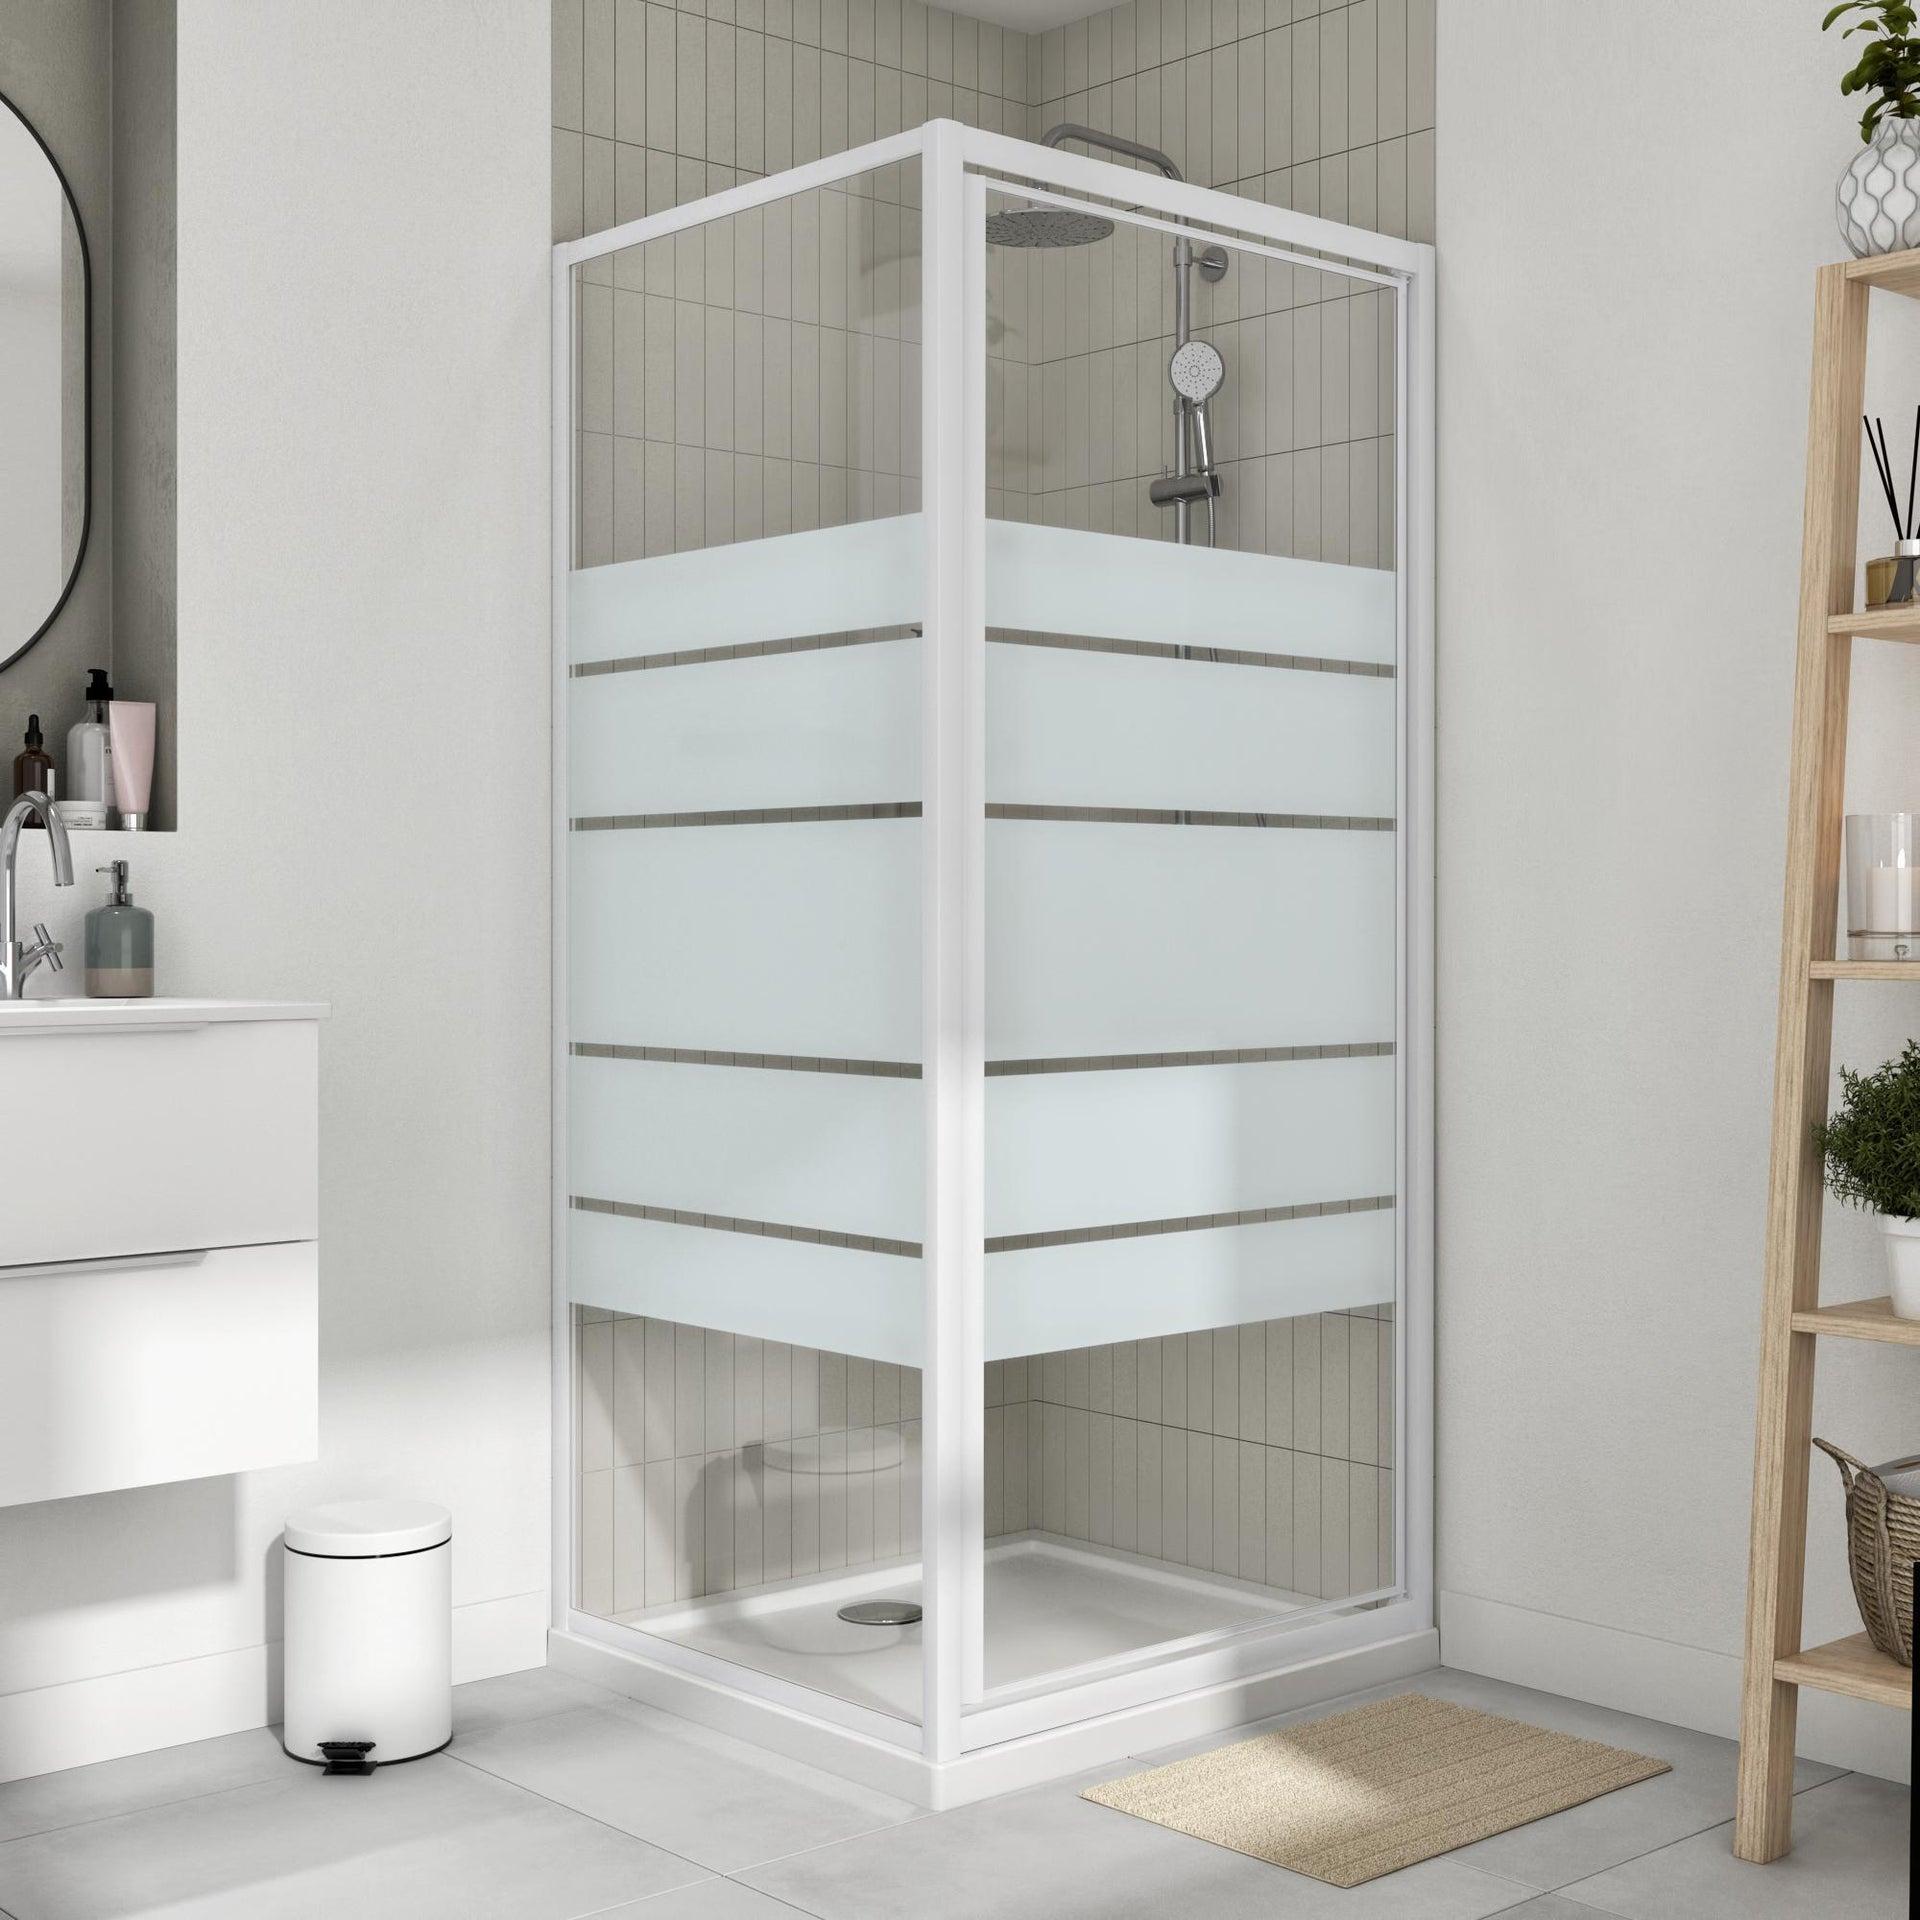 Porta doccia battente Essential 80 cm, H 185 cm in vetro, spessore 4 mm serigrafato bianco - 2